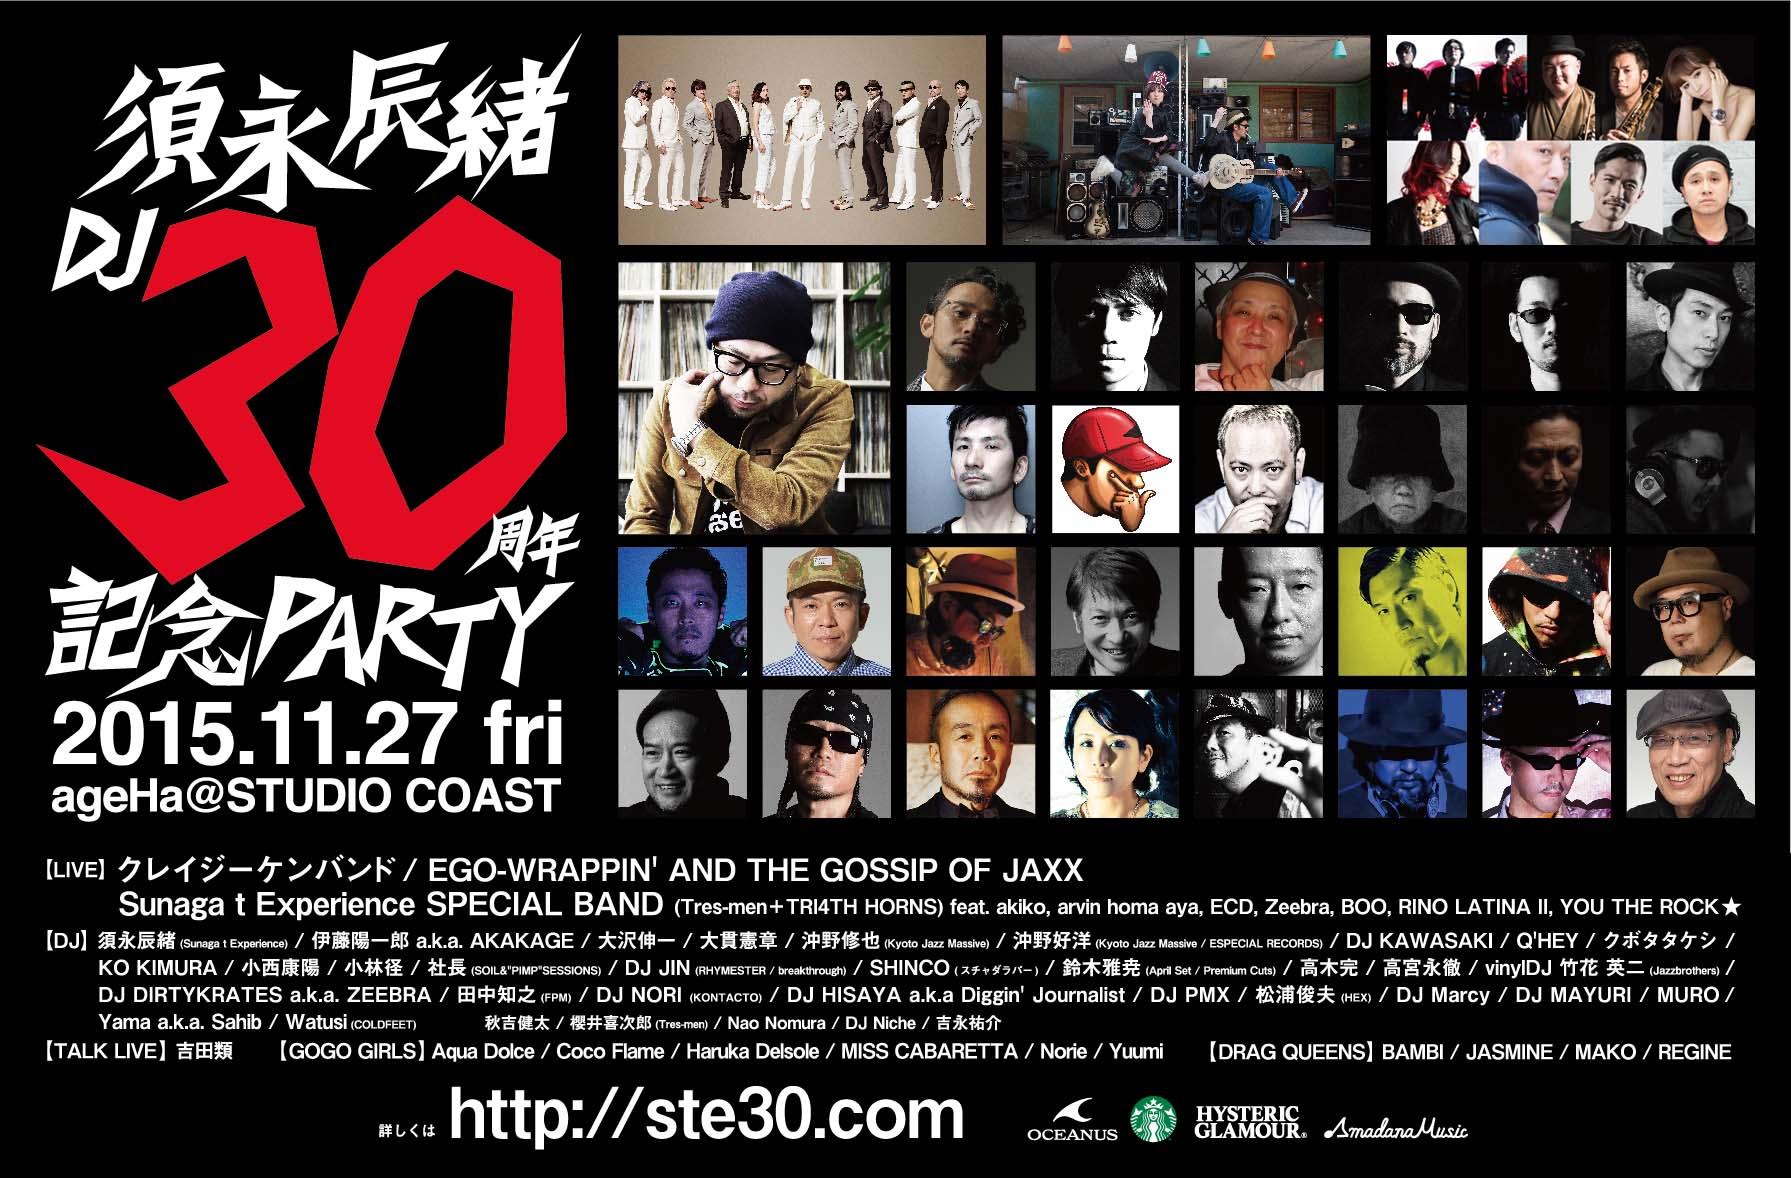 11月27日(金)「須永辰緒DJ30周年記念PARTY」@東京都江東区 STUDIO COAST